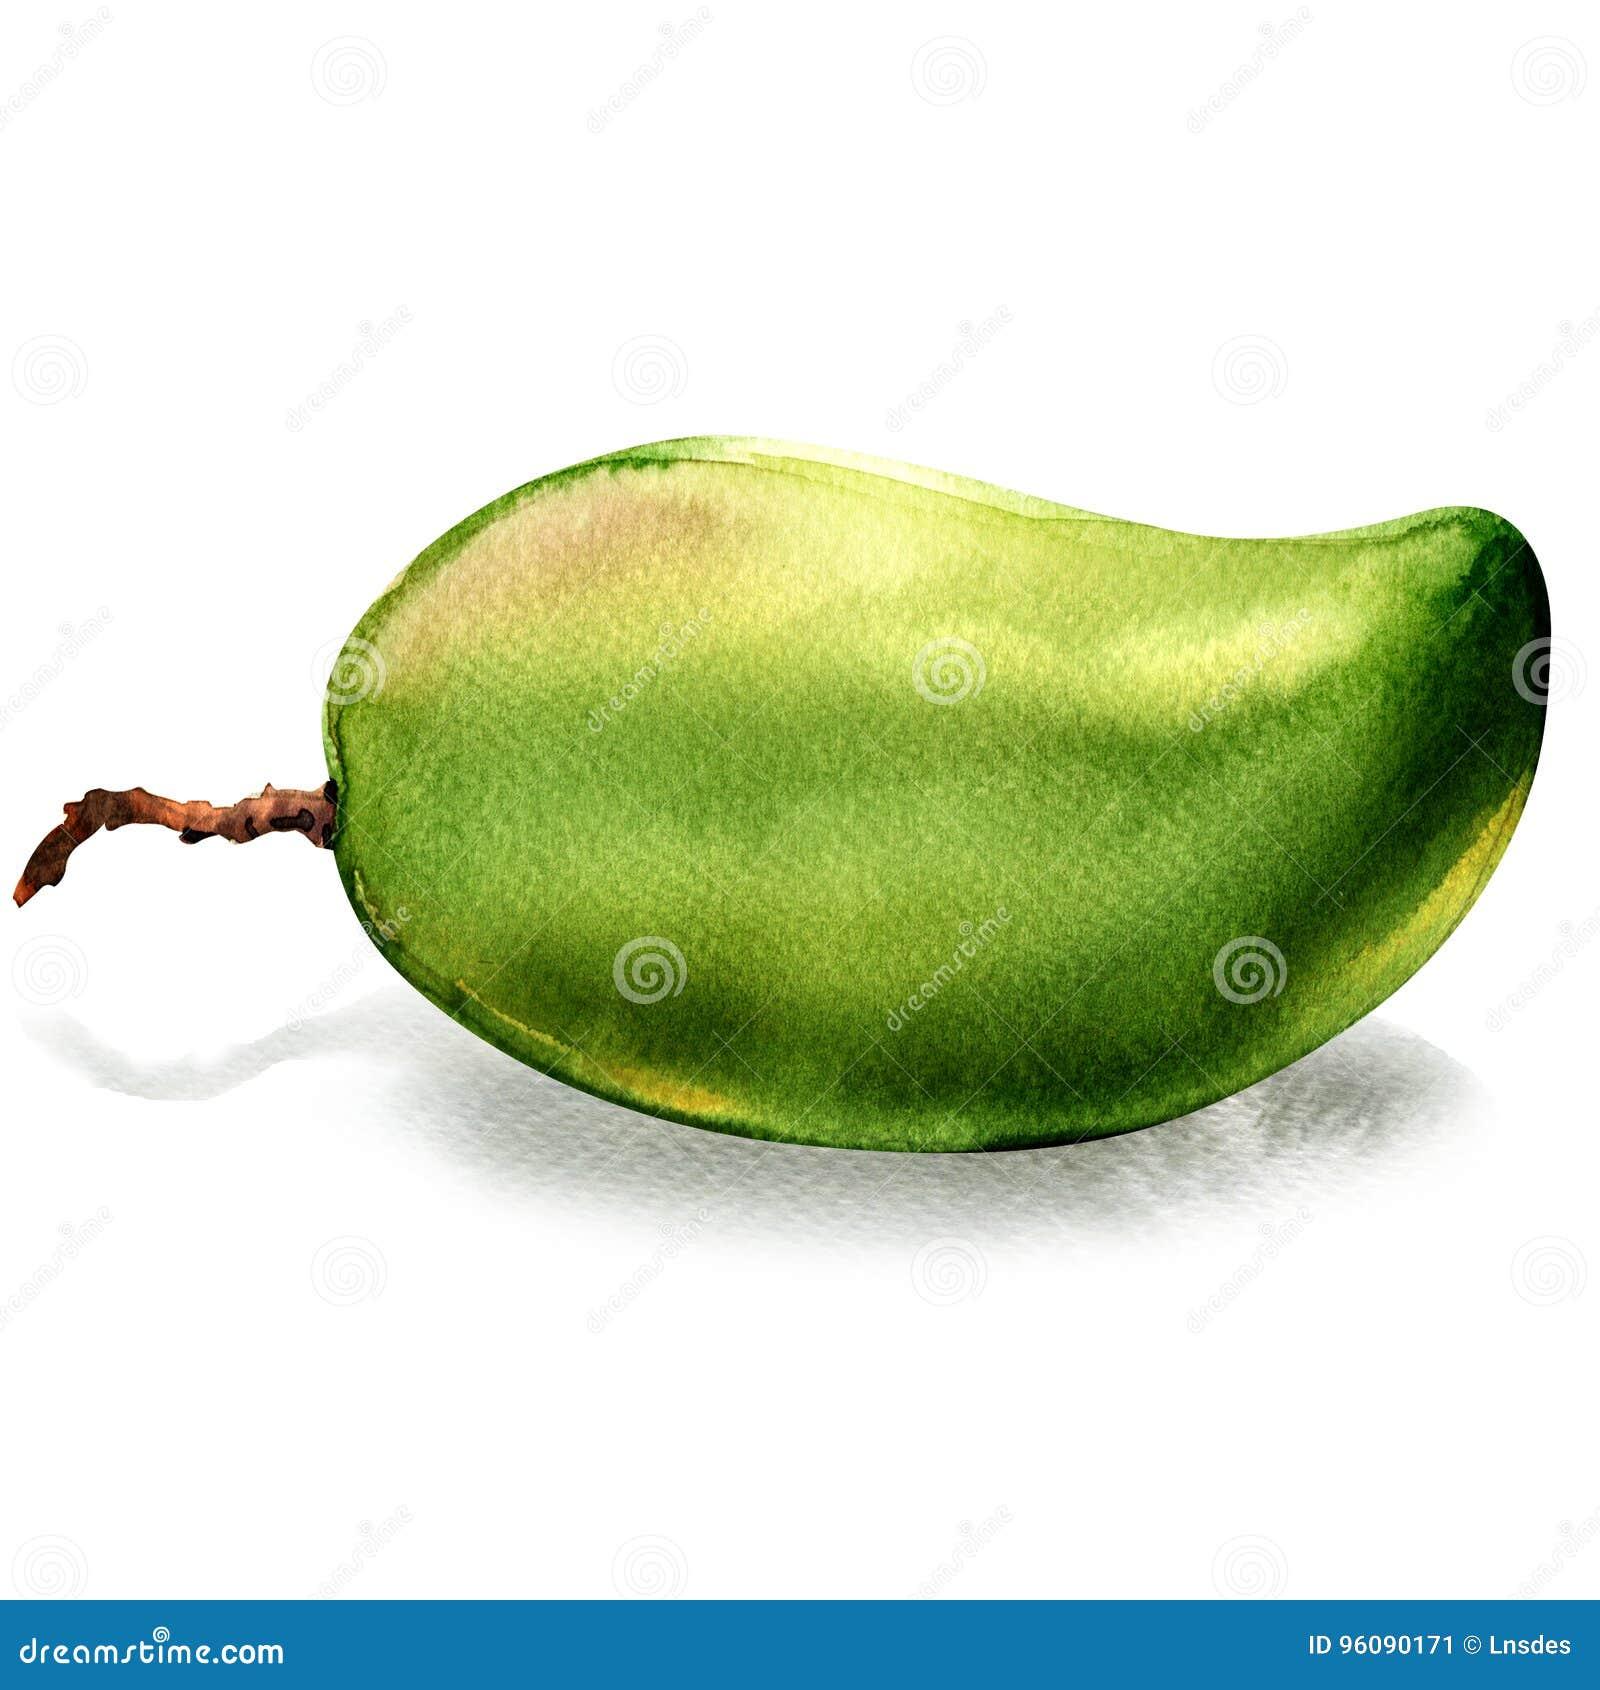 Fresh green mango whole fruit isolated, watercolor illustration on white